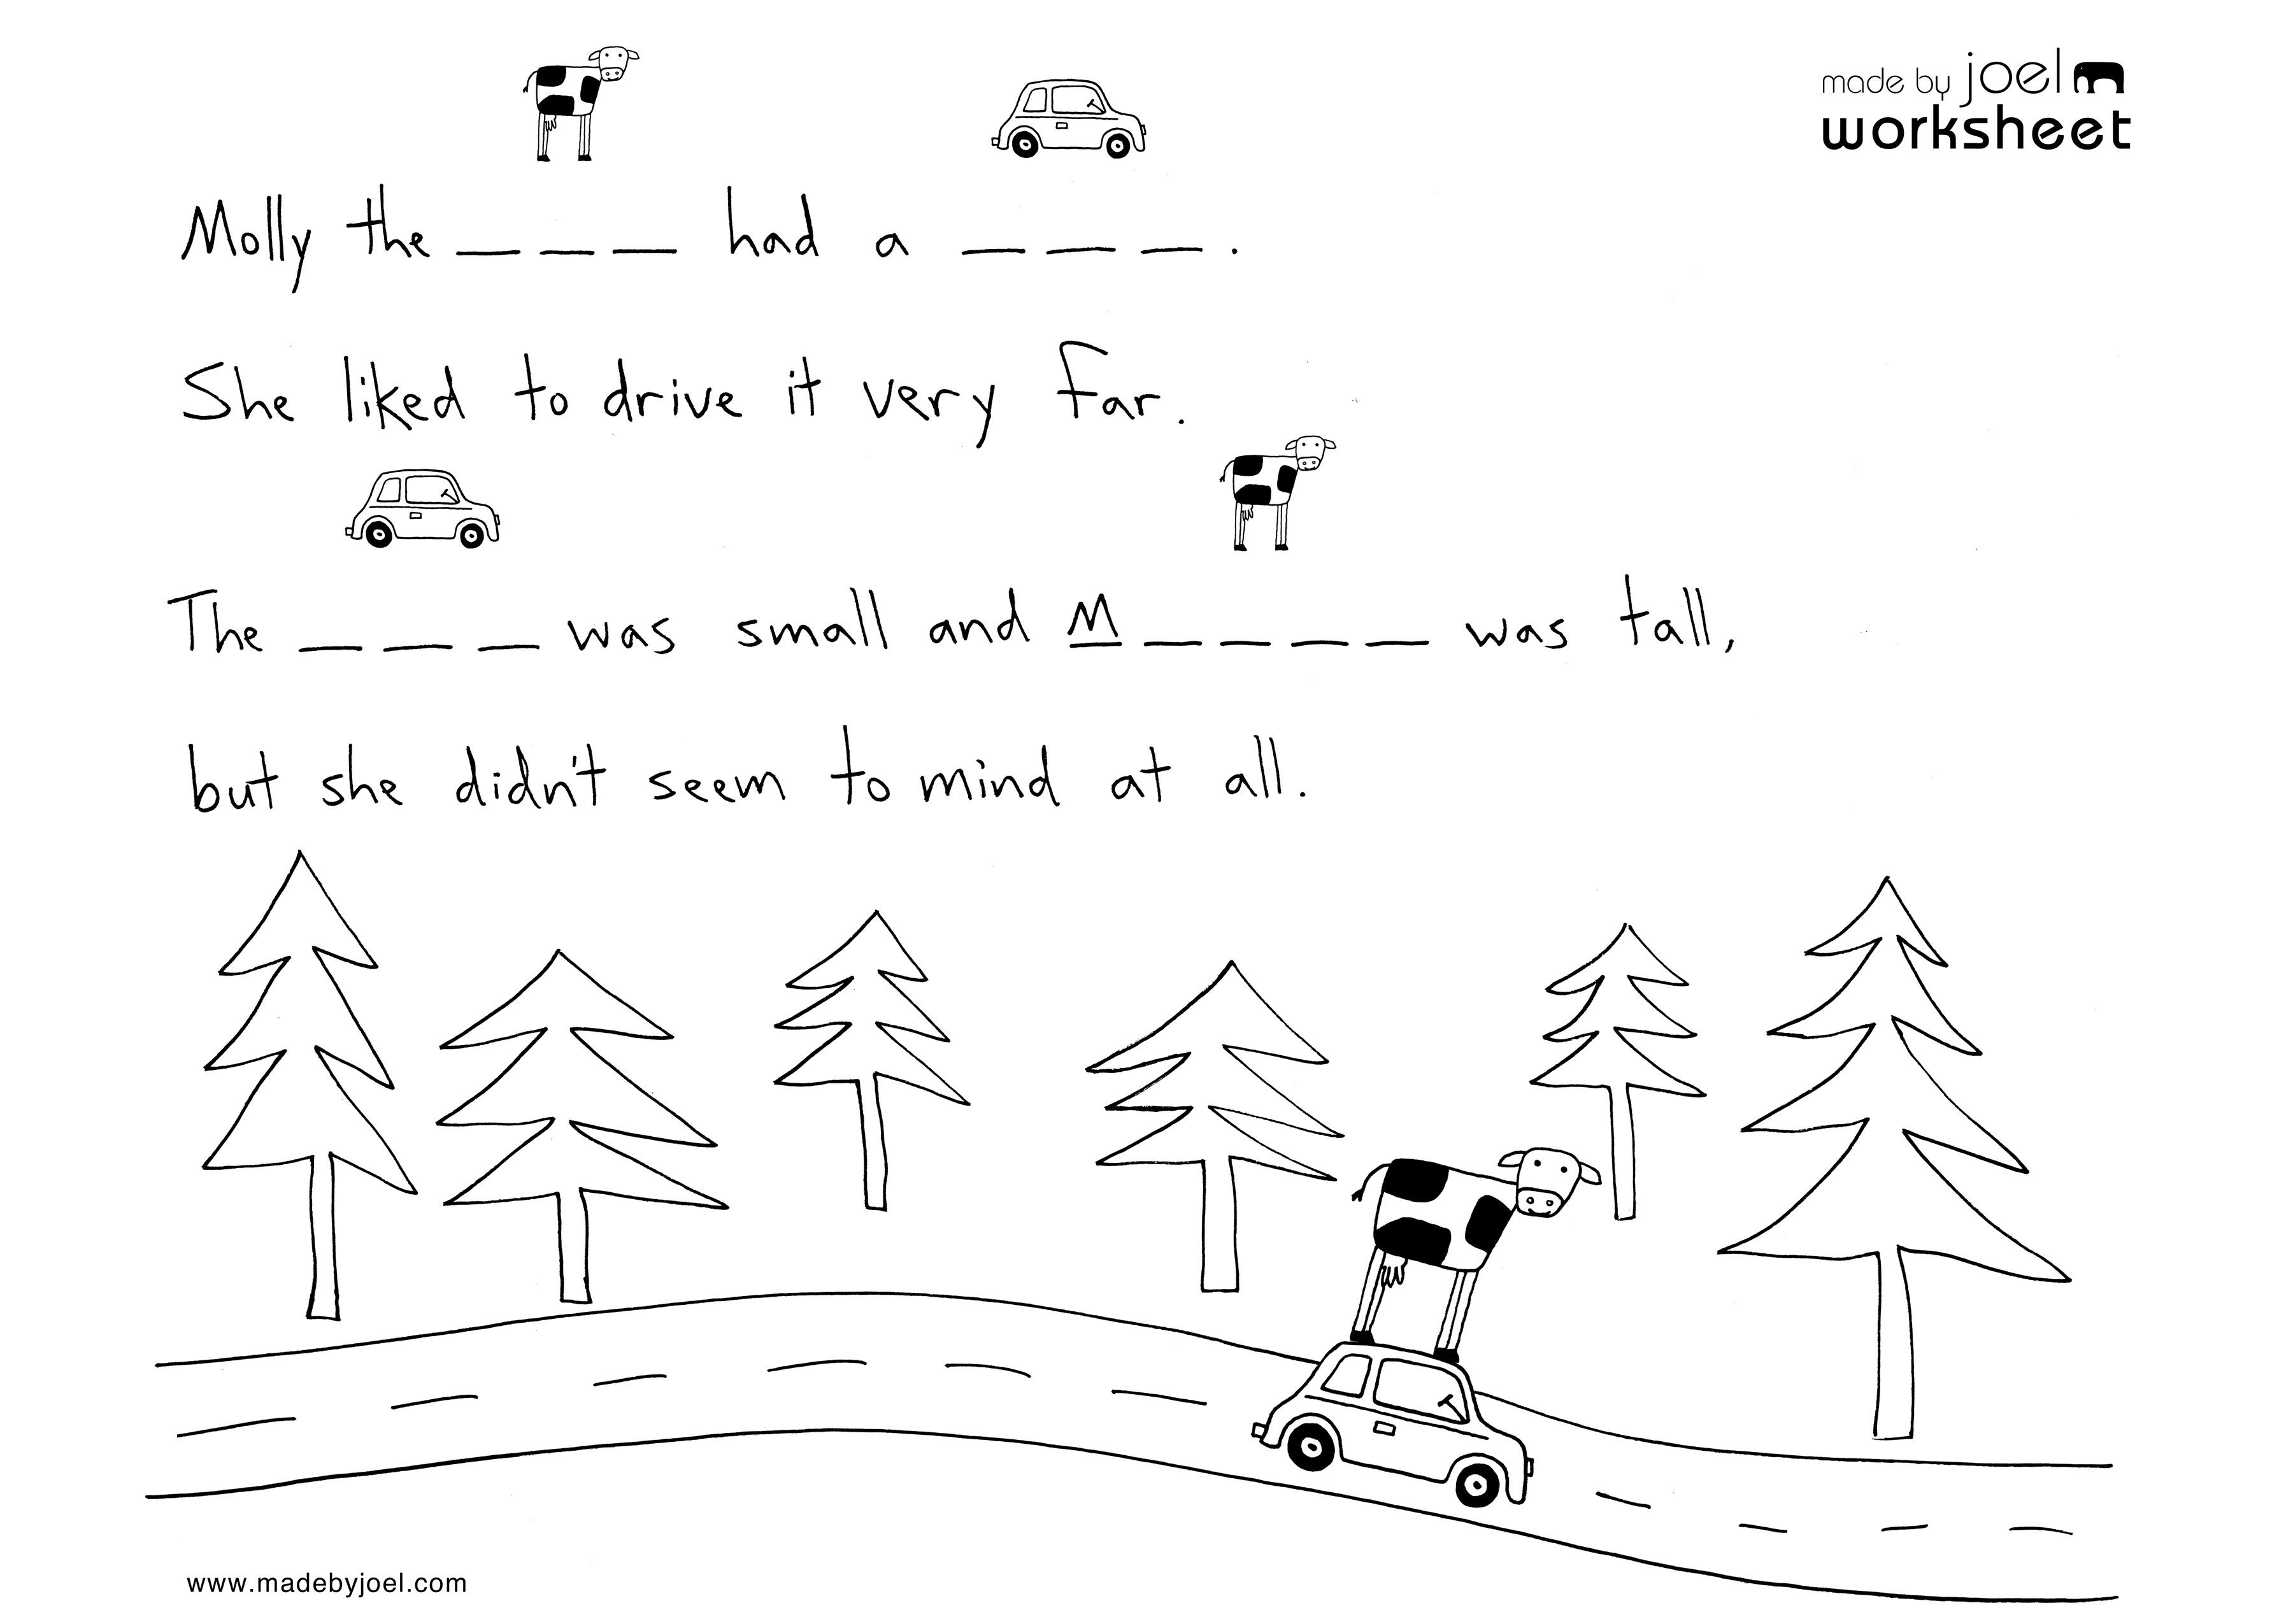 Made By Joel Kids Spelling Worksheet No 2